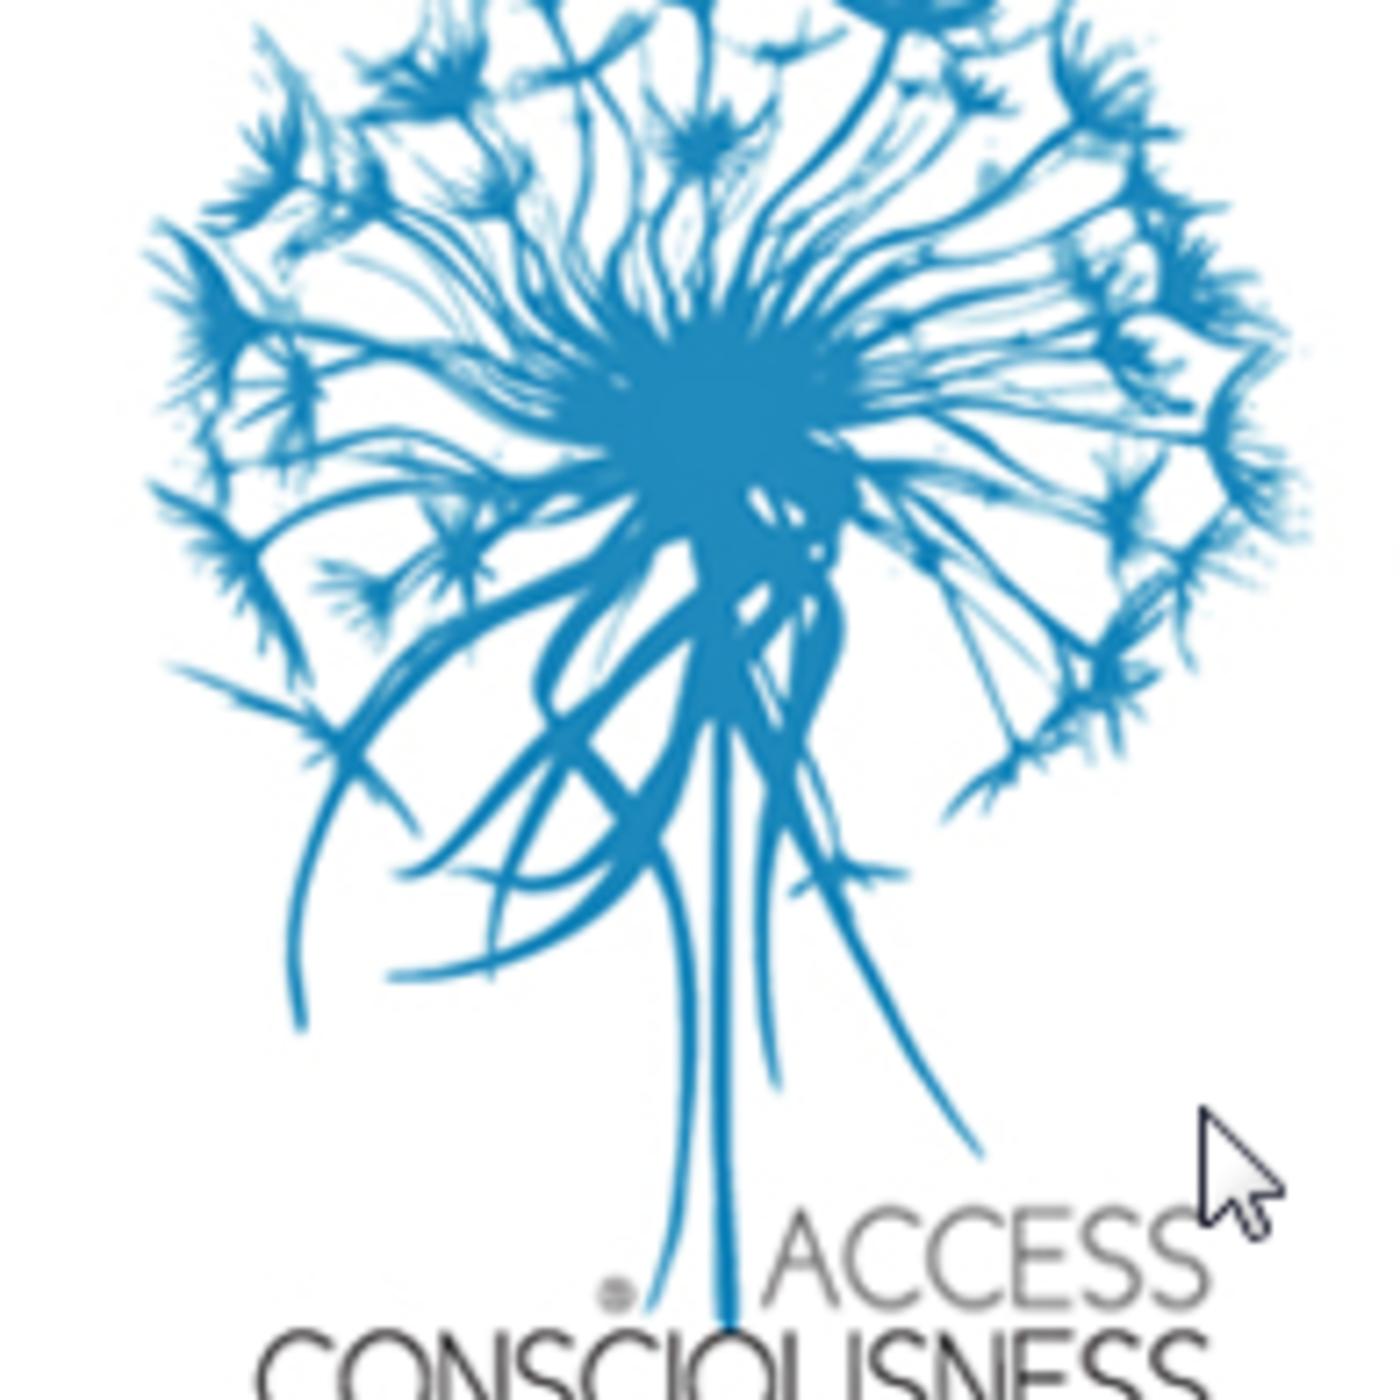 Access process - Victoria